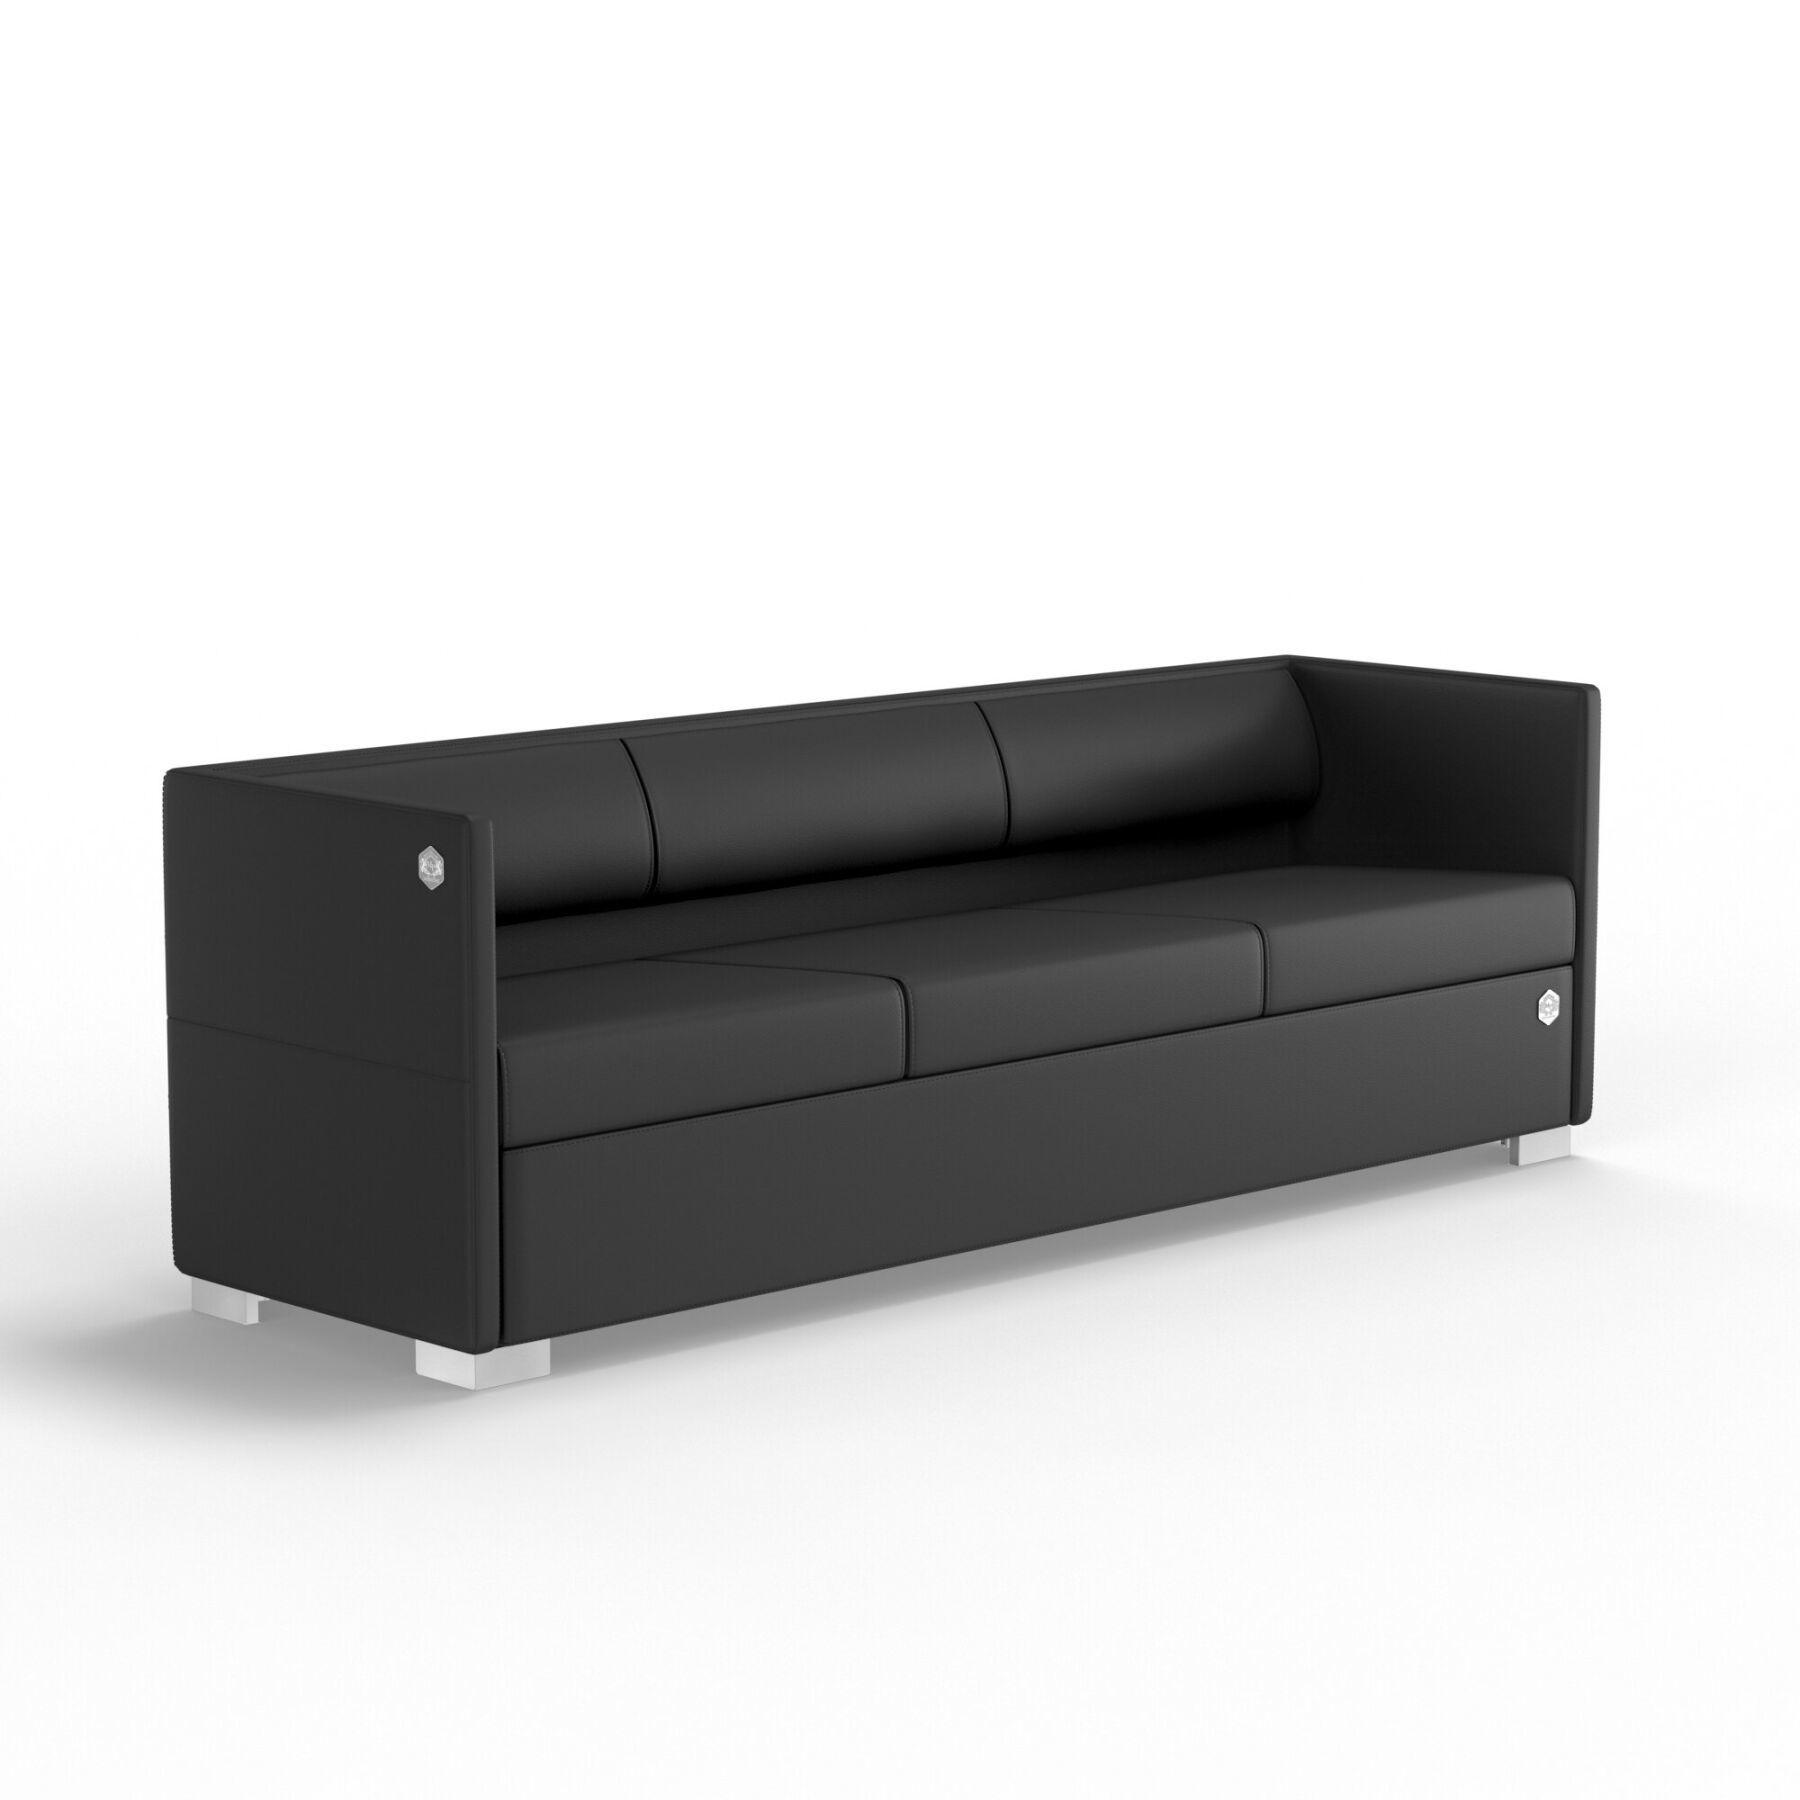 Трехместный диван KULIK SYSTEM LOUNGE Экокожа 3